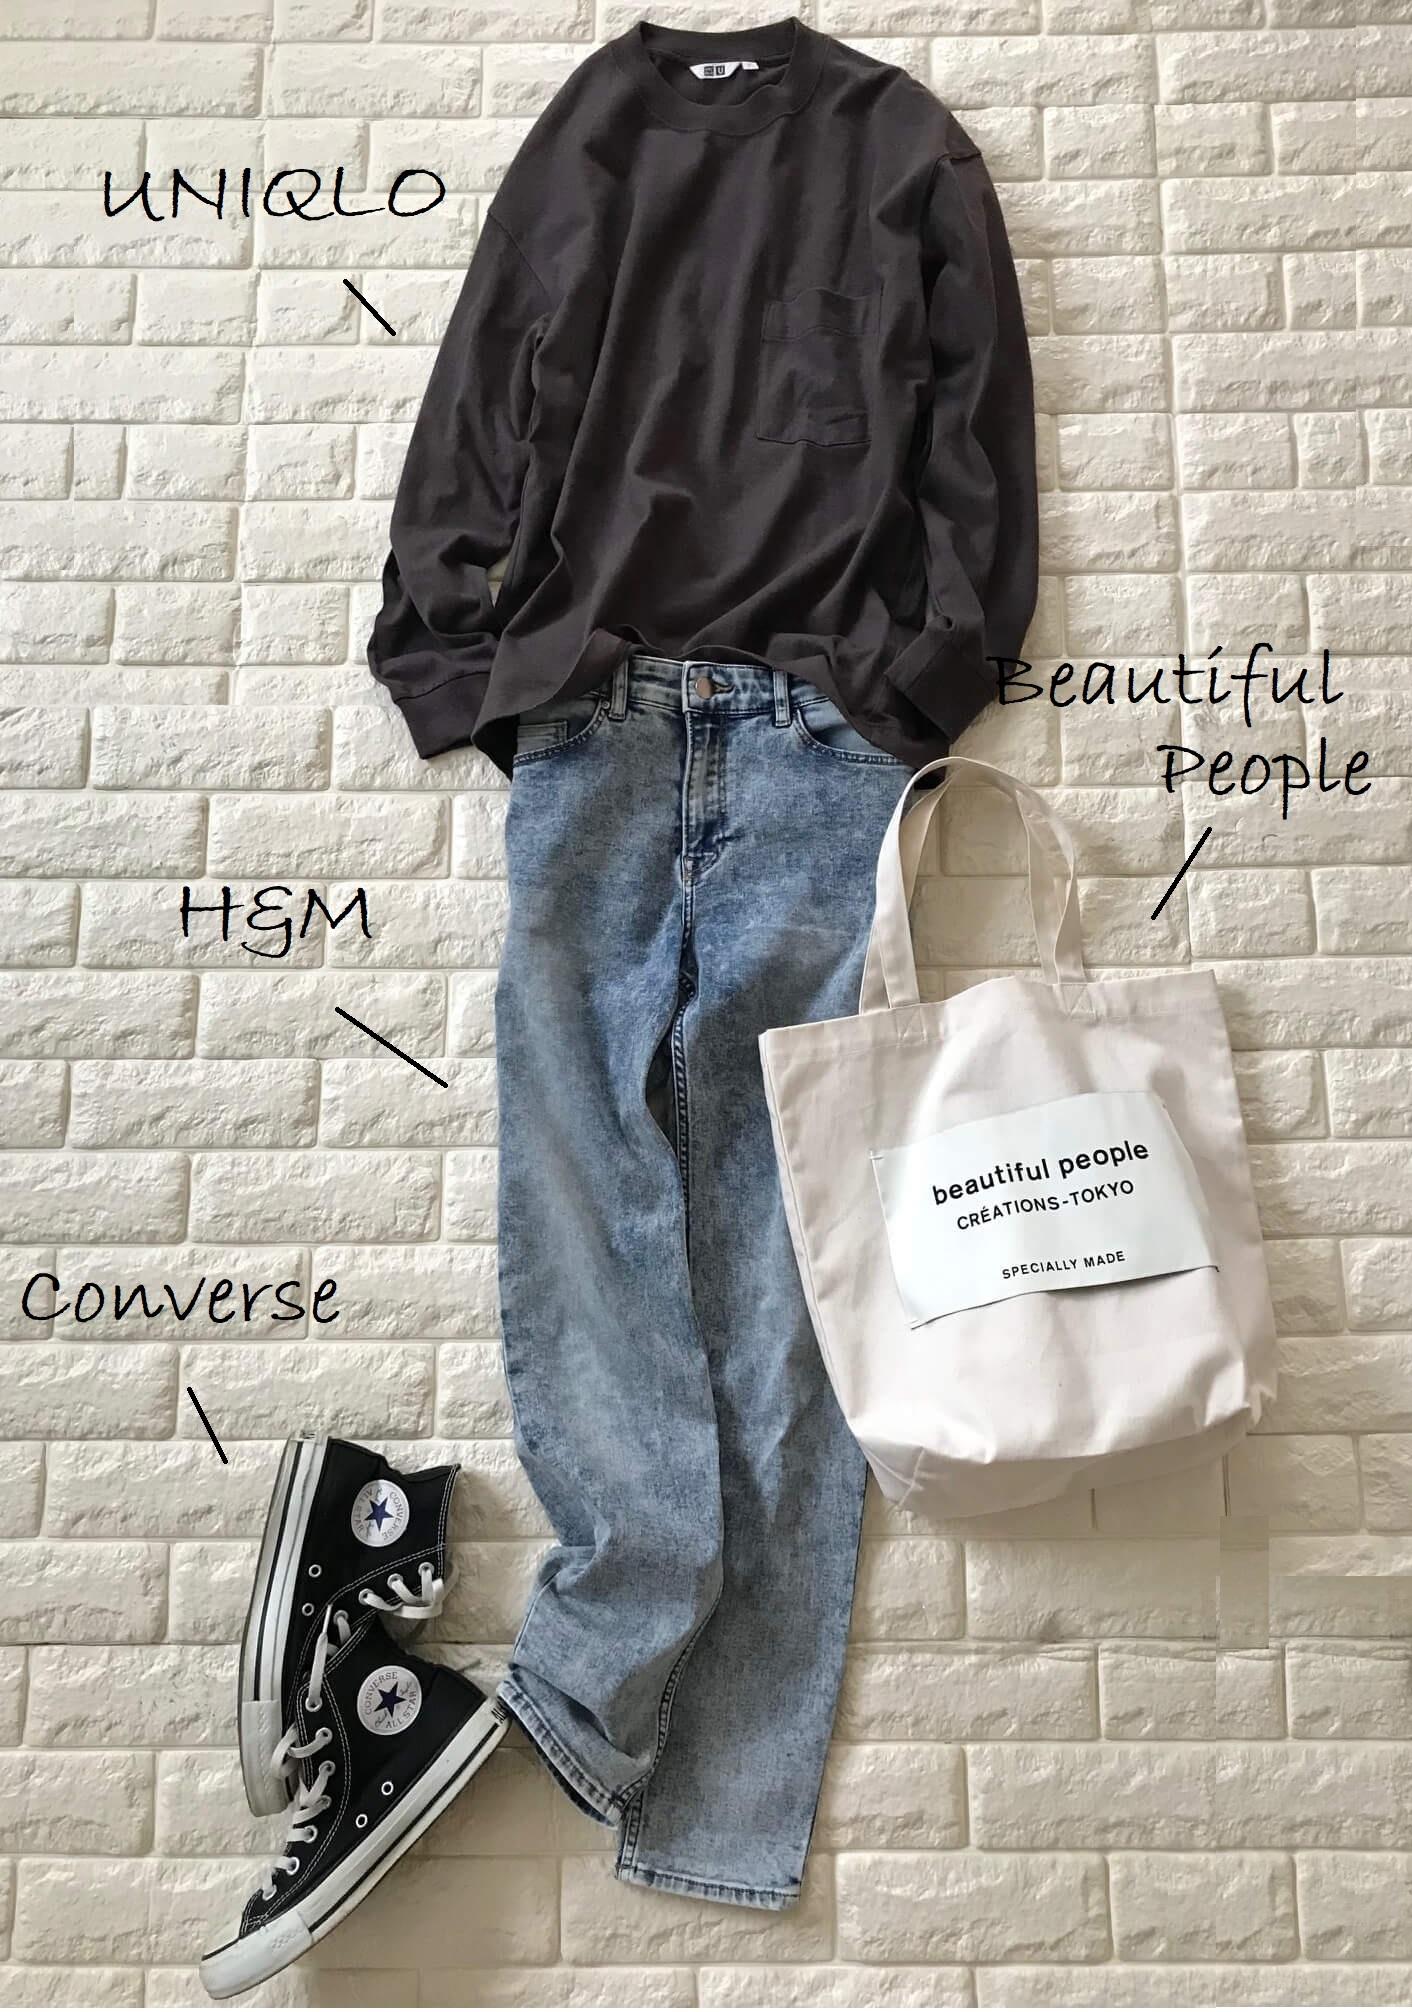 ユニクロのロングTシャツとデニムを合わせたコーデ